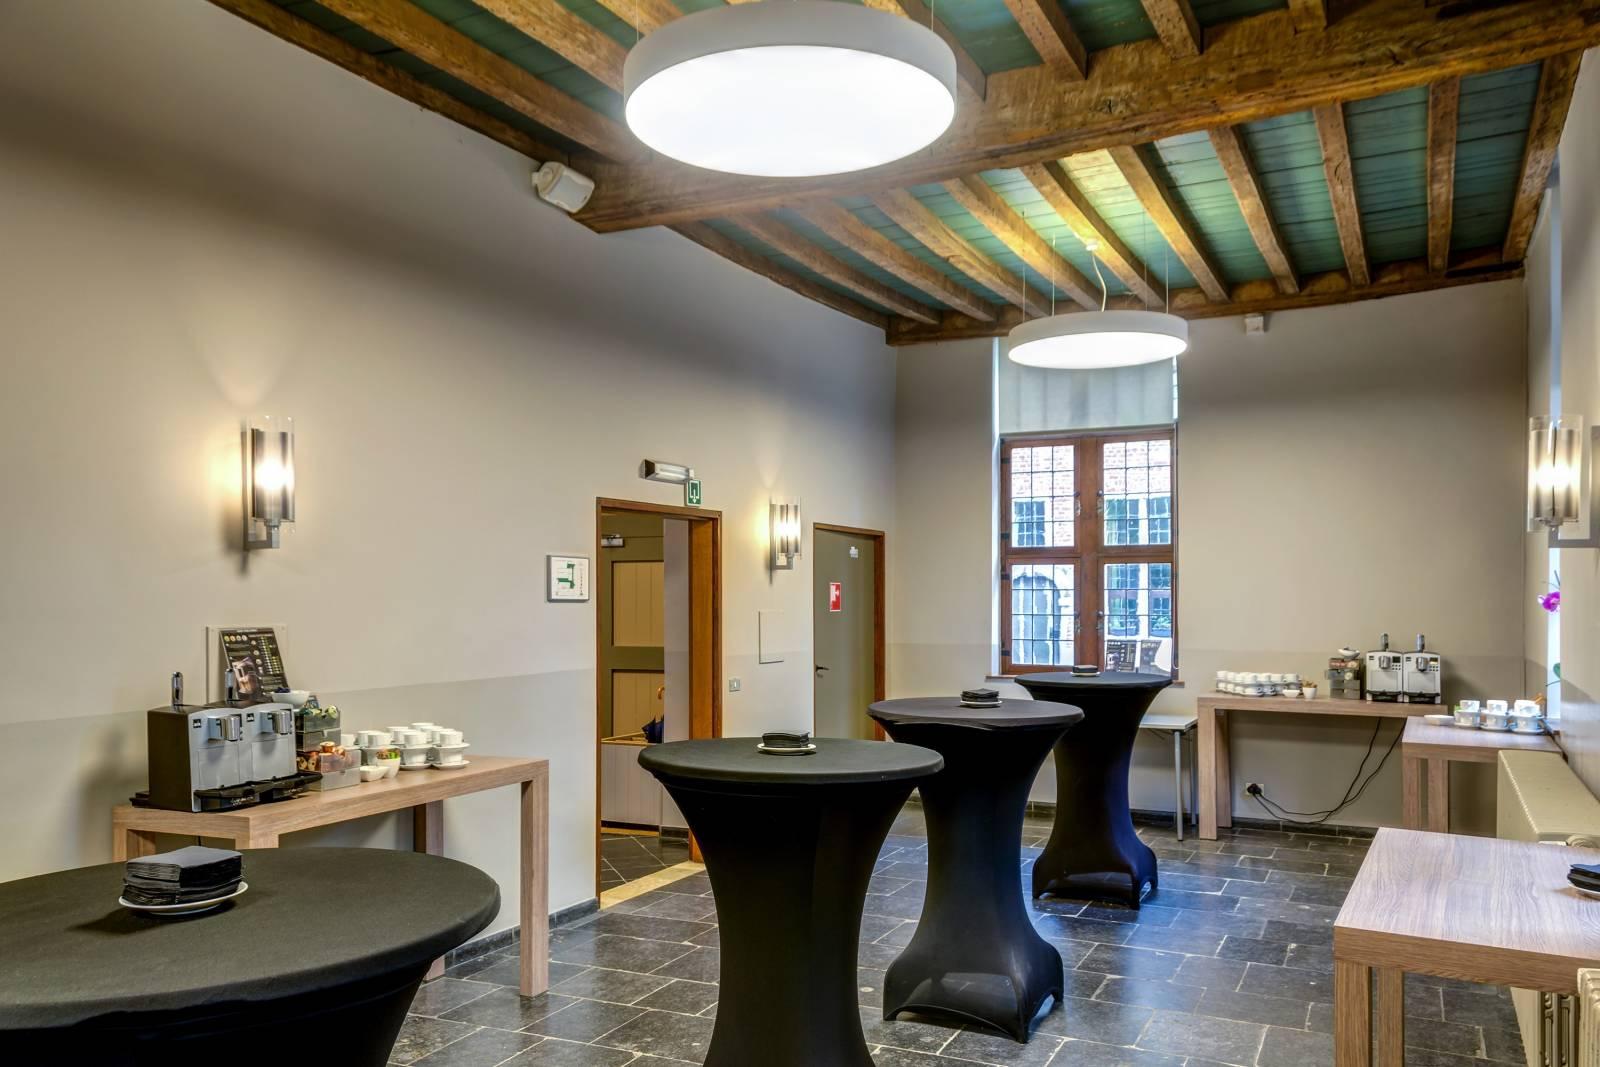 Faculty Club - Feestzaal - Feestlocatie - Rustiek - Historisch - Leuven (Vlaams-Brabant) - House of Events - 9